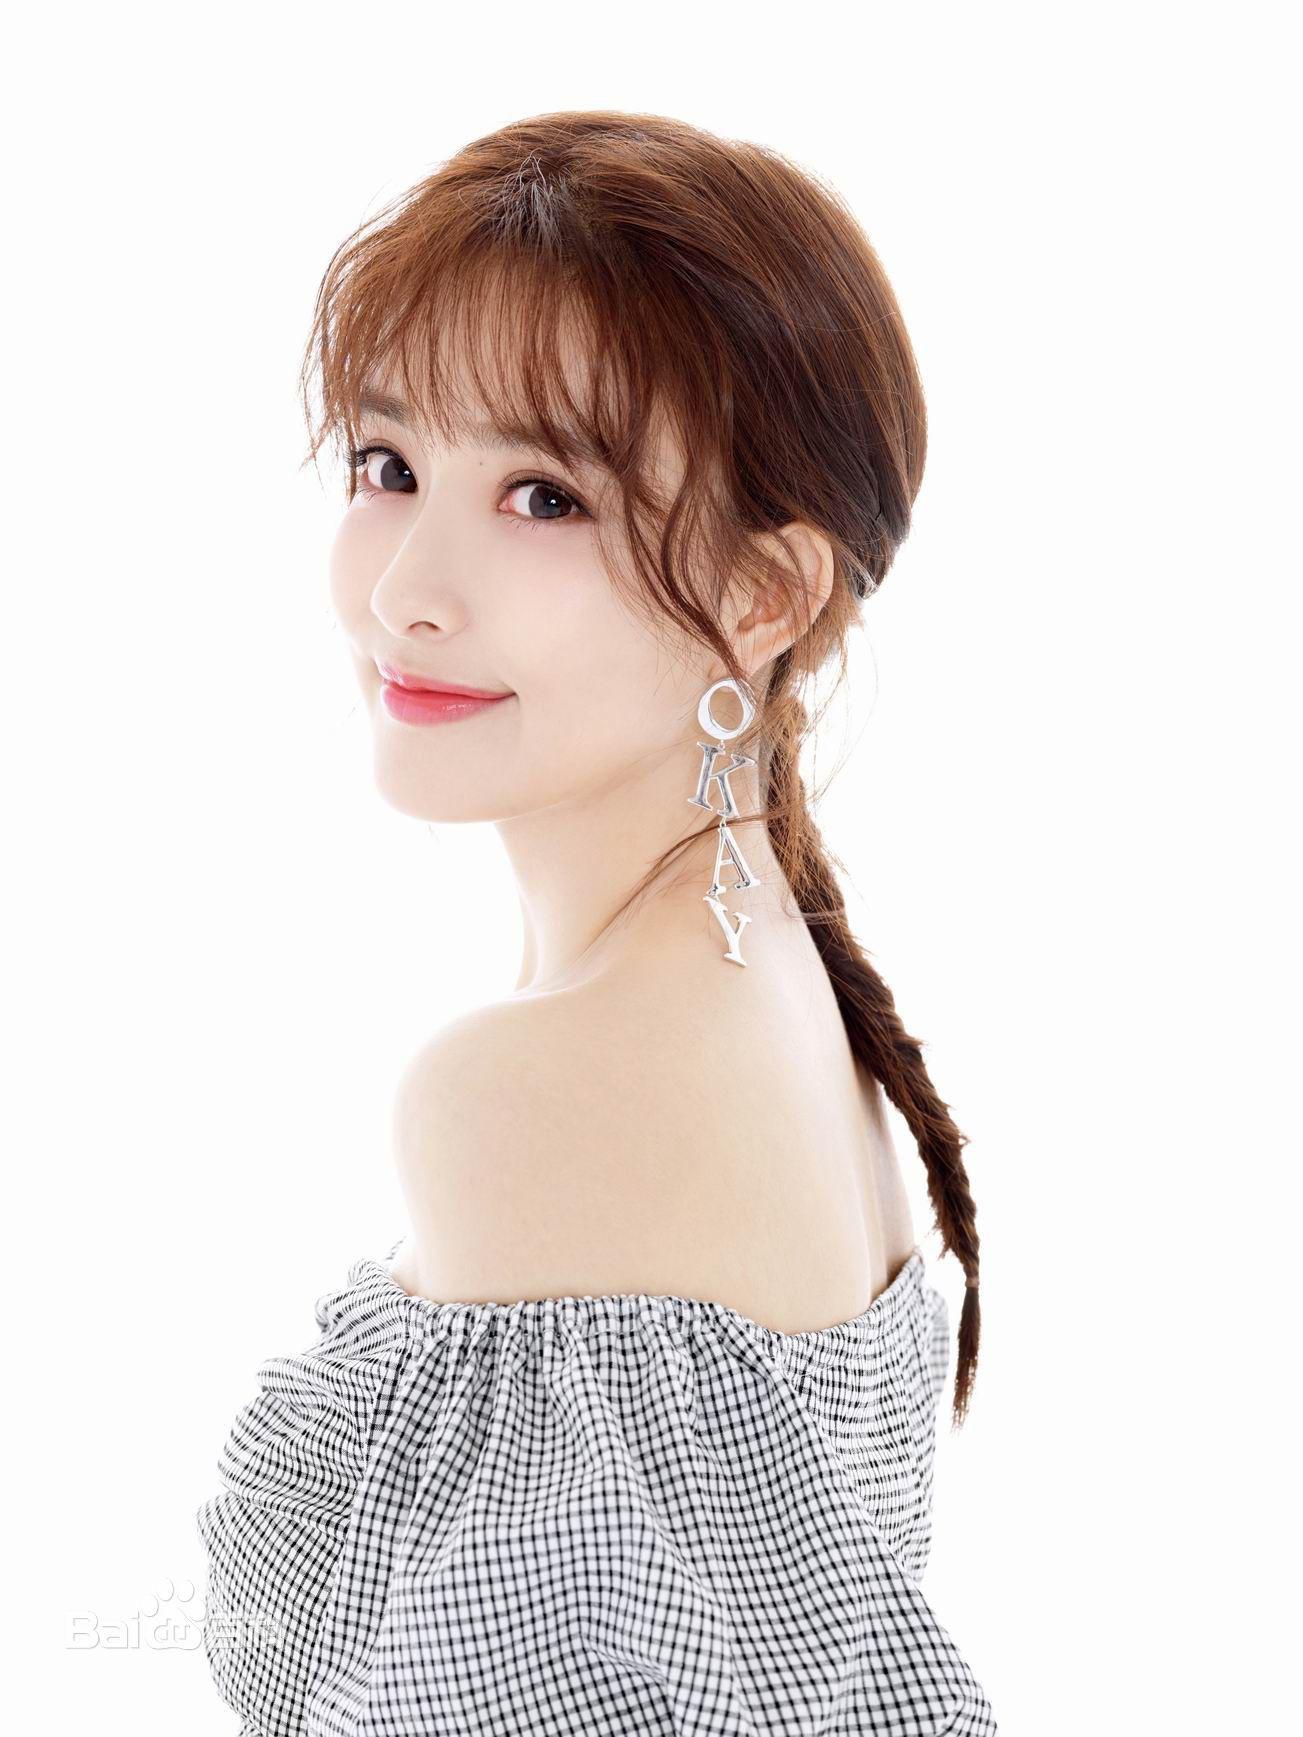 Dàn sao phim đam mỹ siêu hot Trần Tình Lệnh: Nữ phụ xinh xuất sắc lu mờ cả Yoona, 2 nam thần Cbiz được ship lên mây - Ảnh 22.